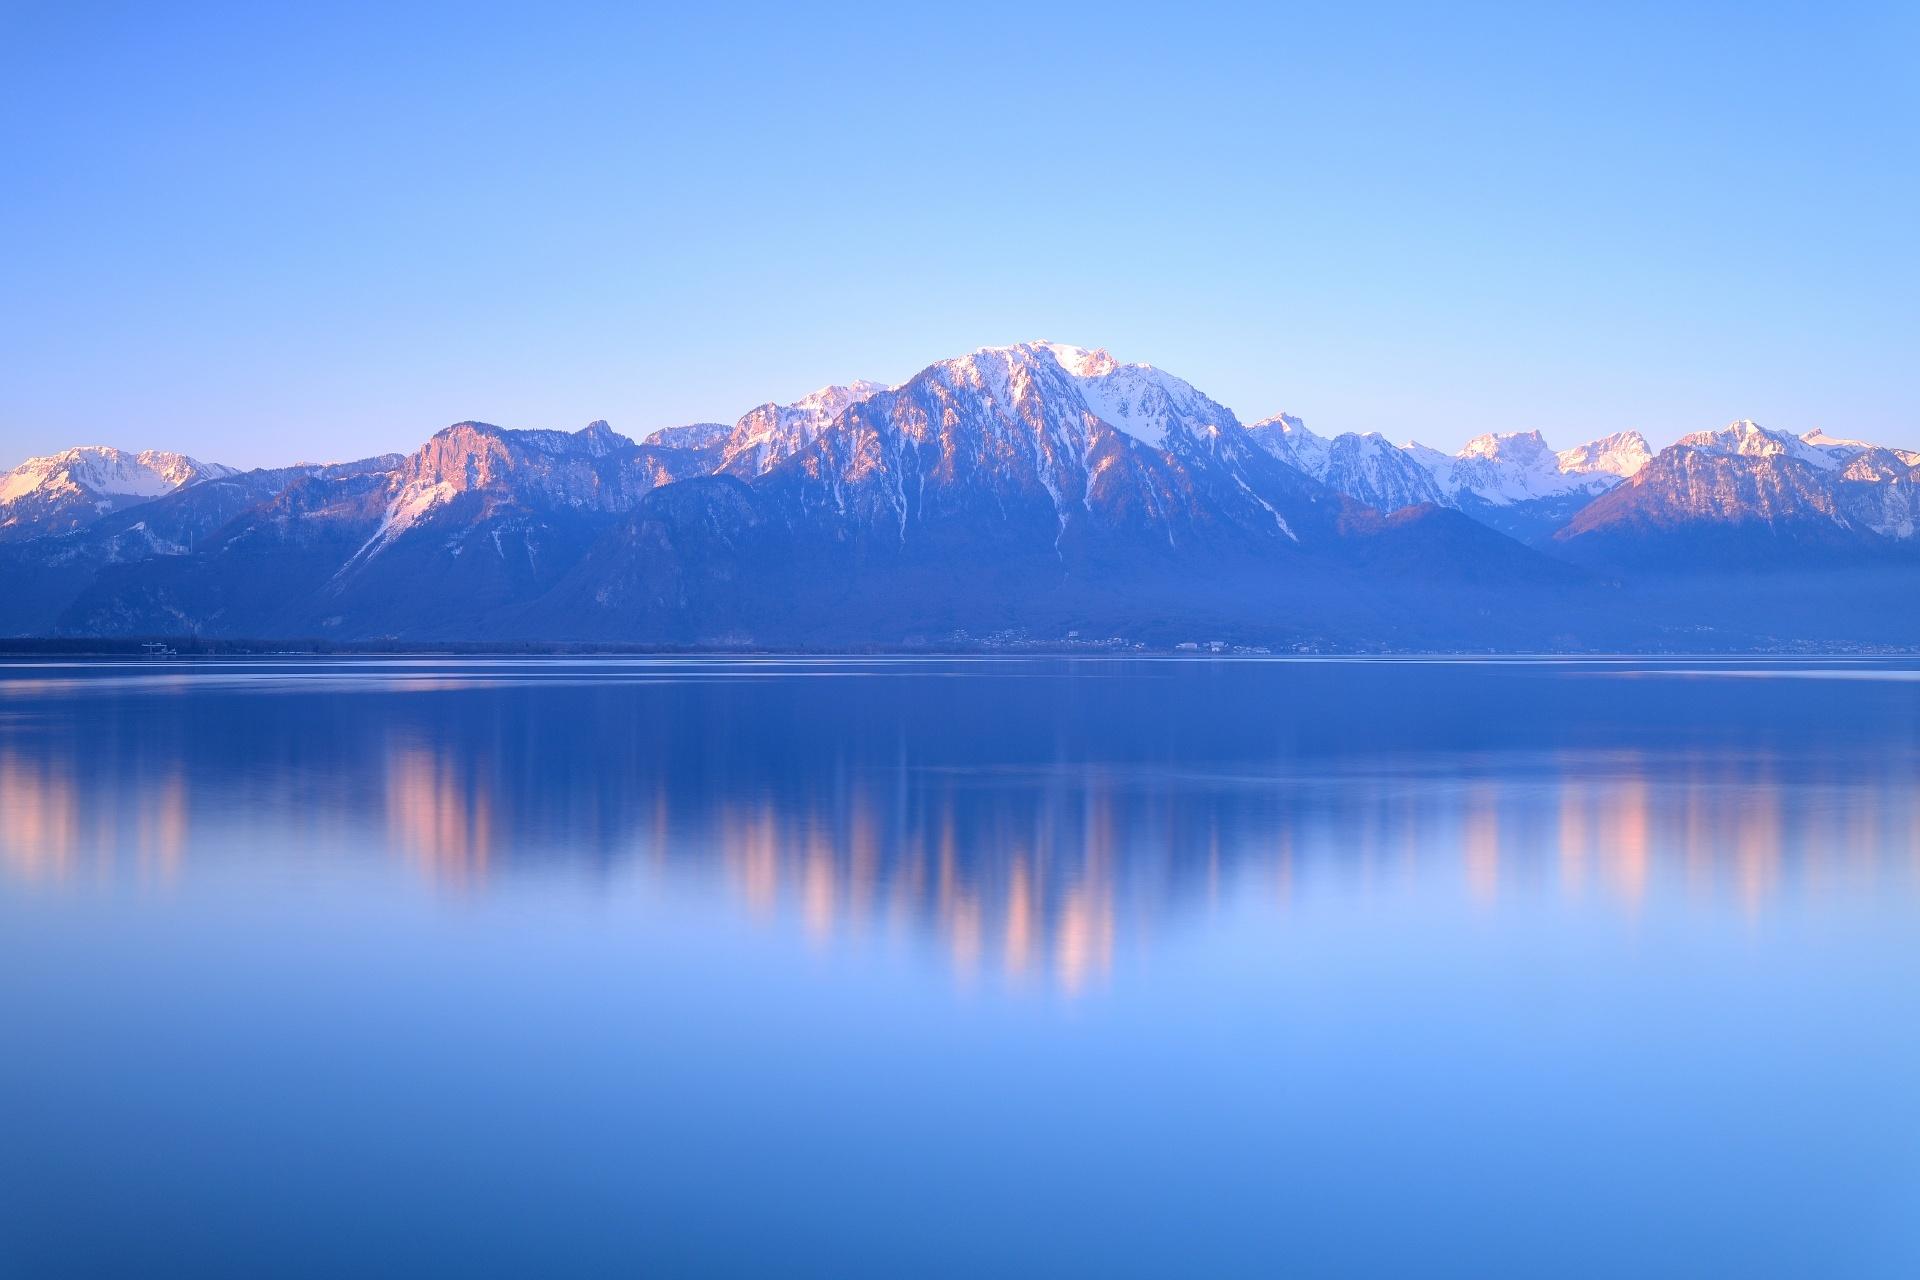 アルプスとジュネーブ湖の風景 スイスの風景